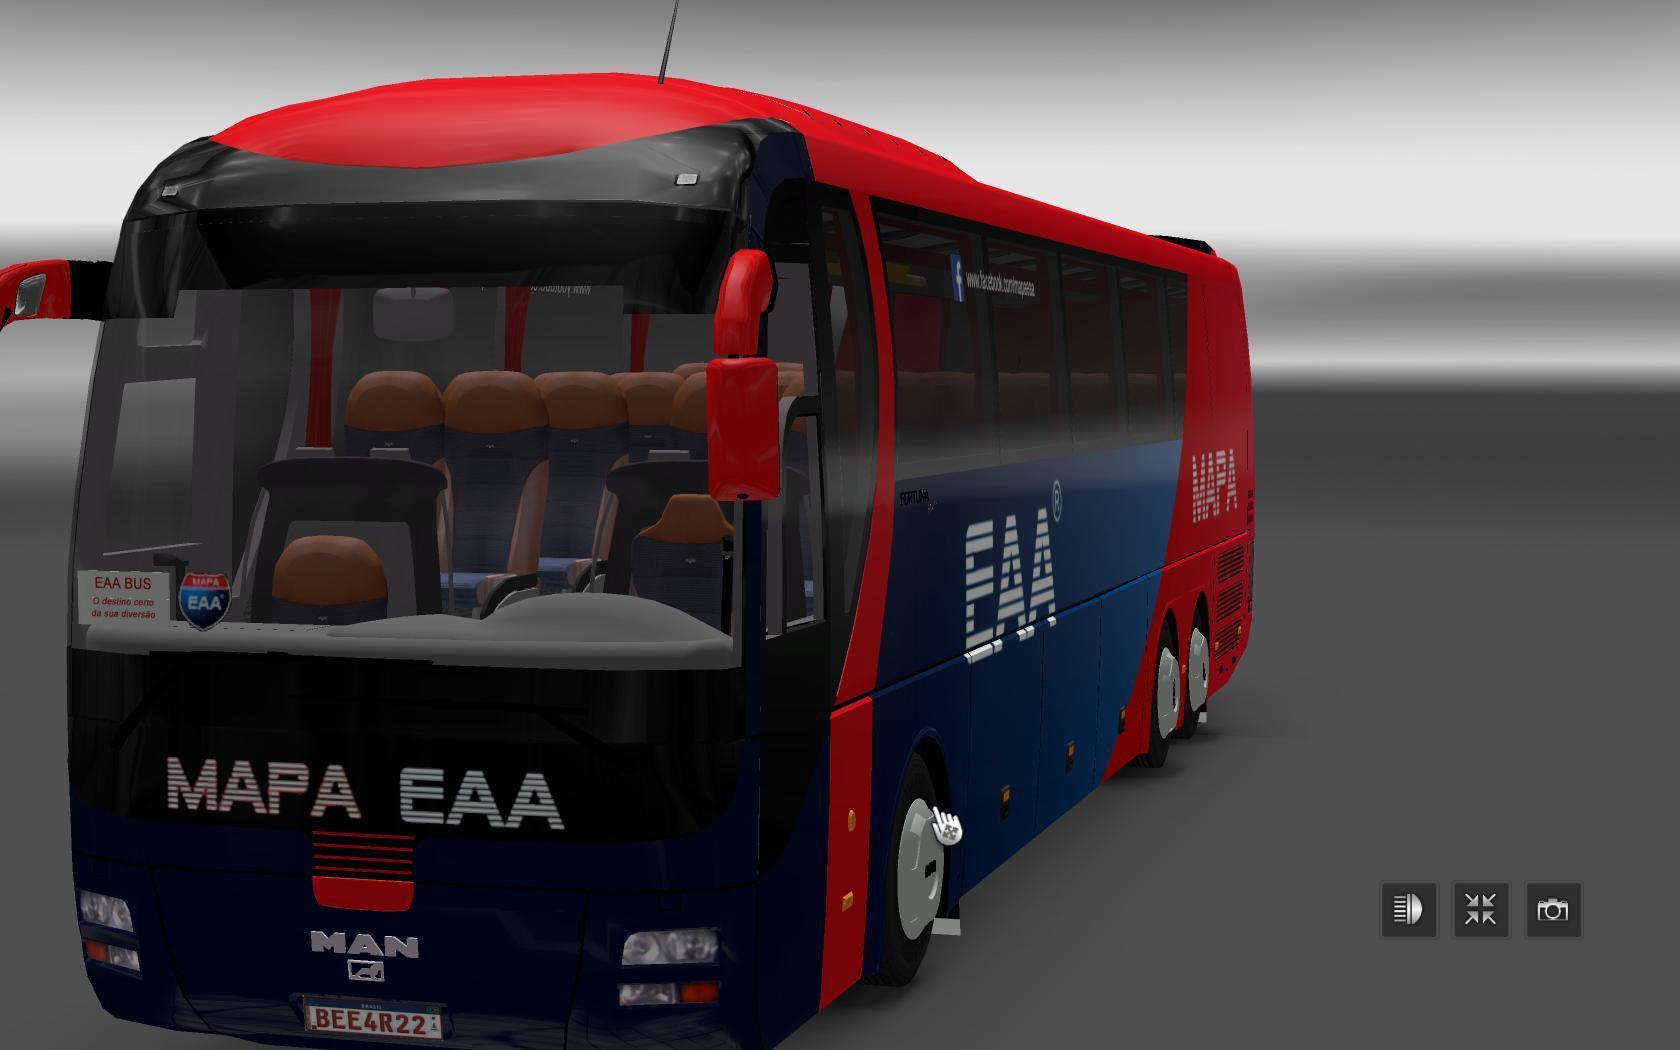 MAPA EAA BUS 4.1.2 for 1.26